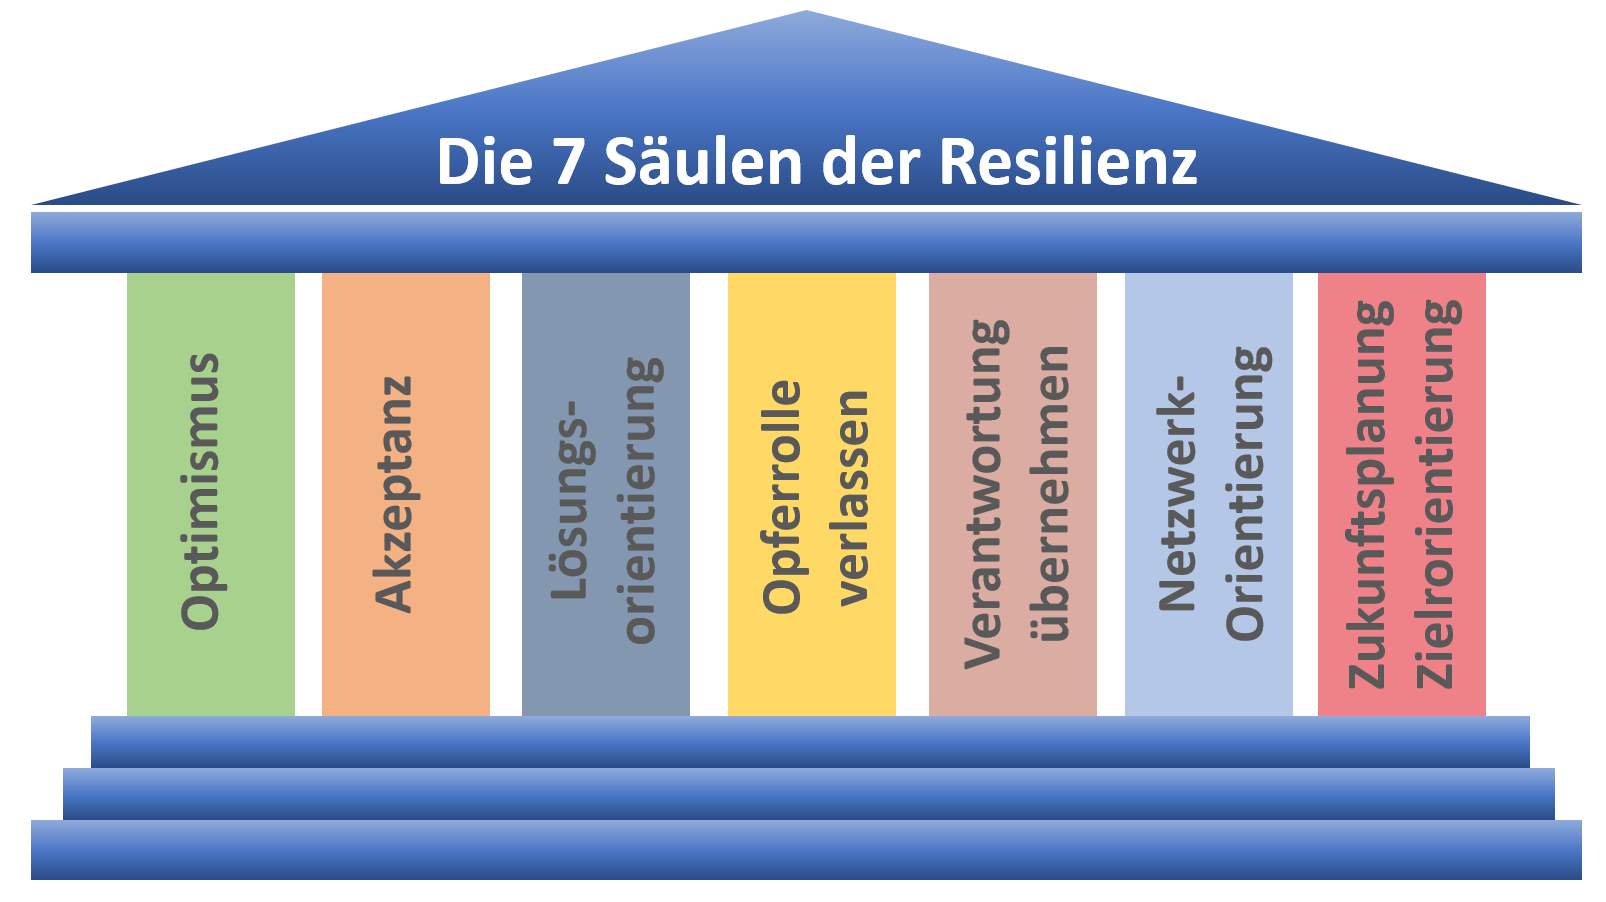 Die 7 Säulen der Resilienz - Resilienfaktoren